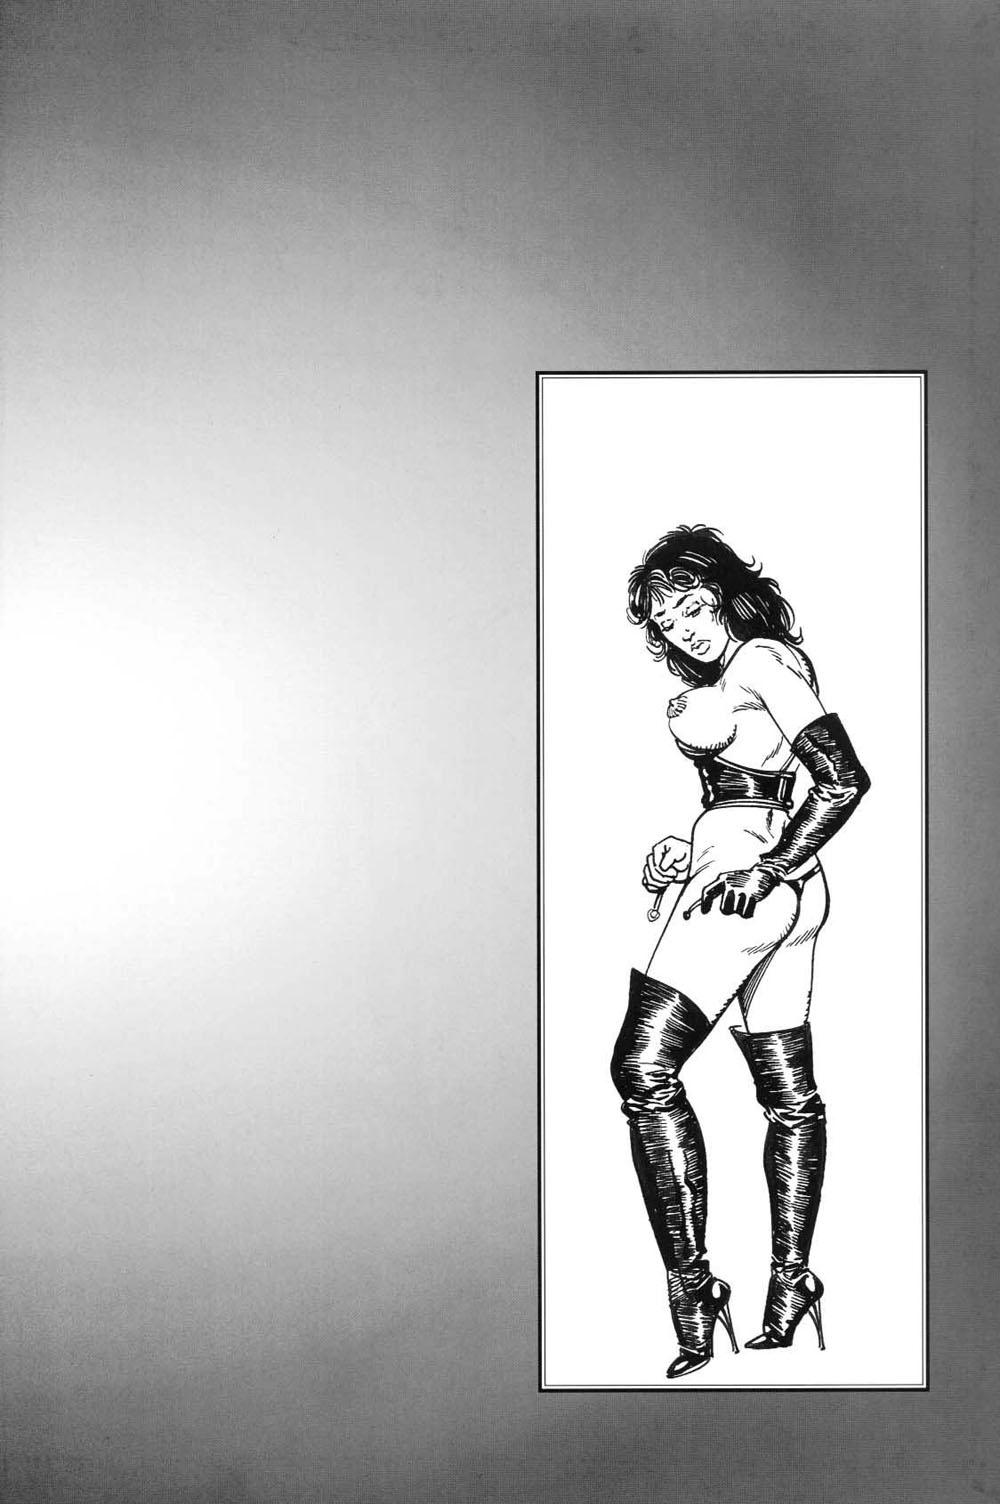 БДСМ, рабыня, секс игрушка, трах толпой, порно комикс » Мисс Брайан ...